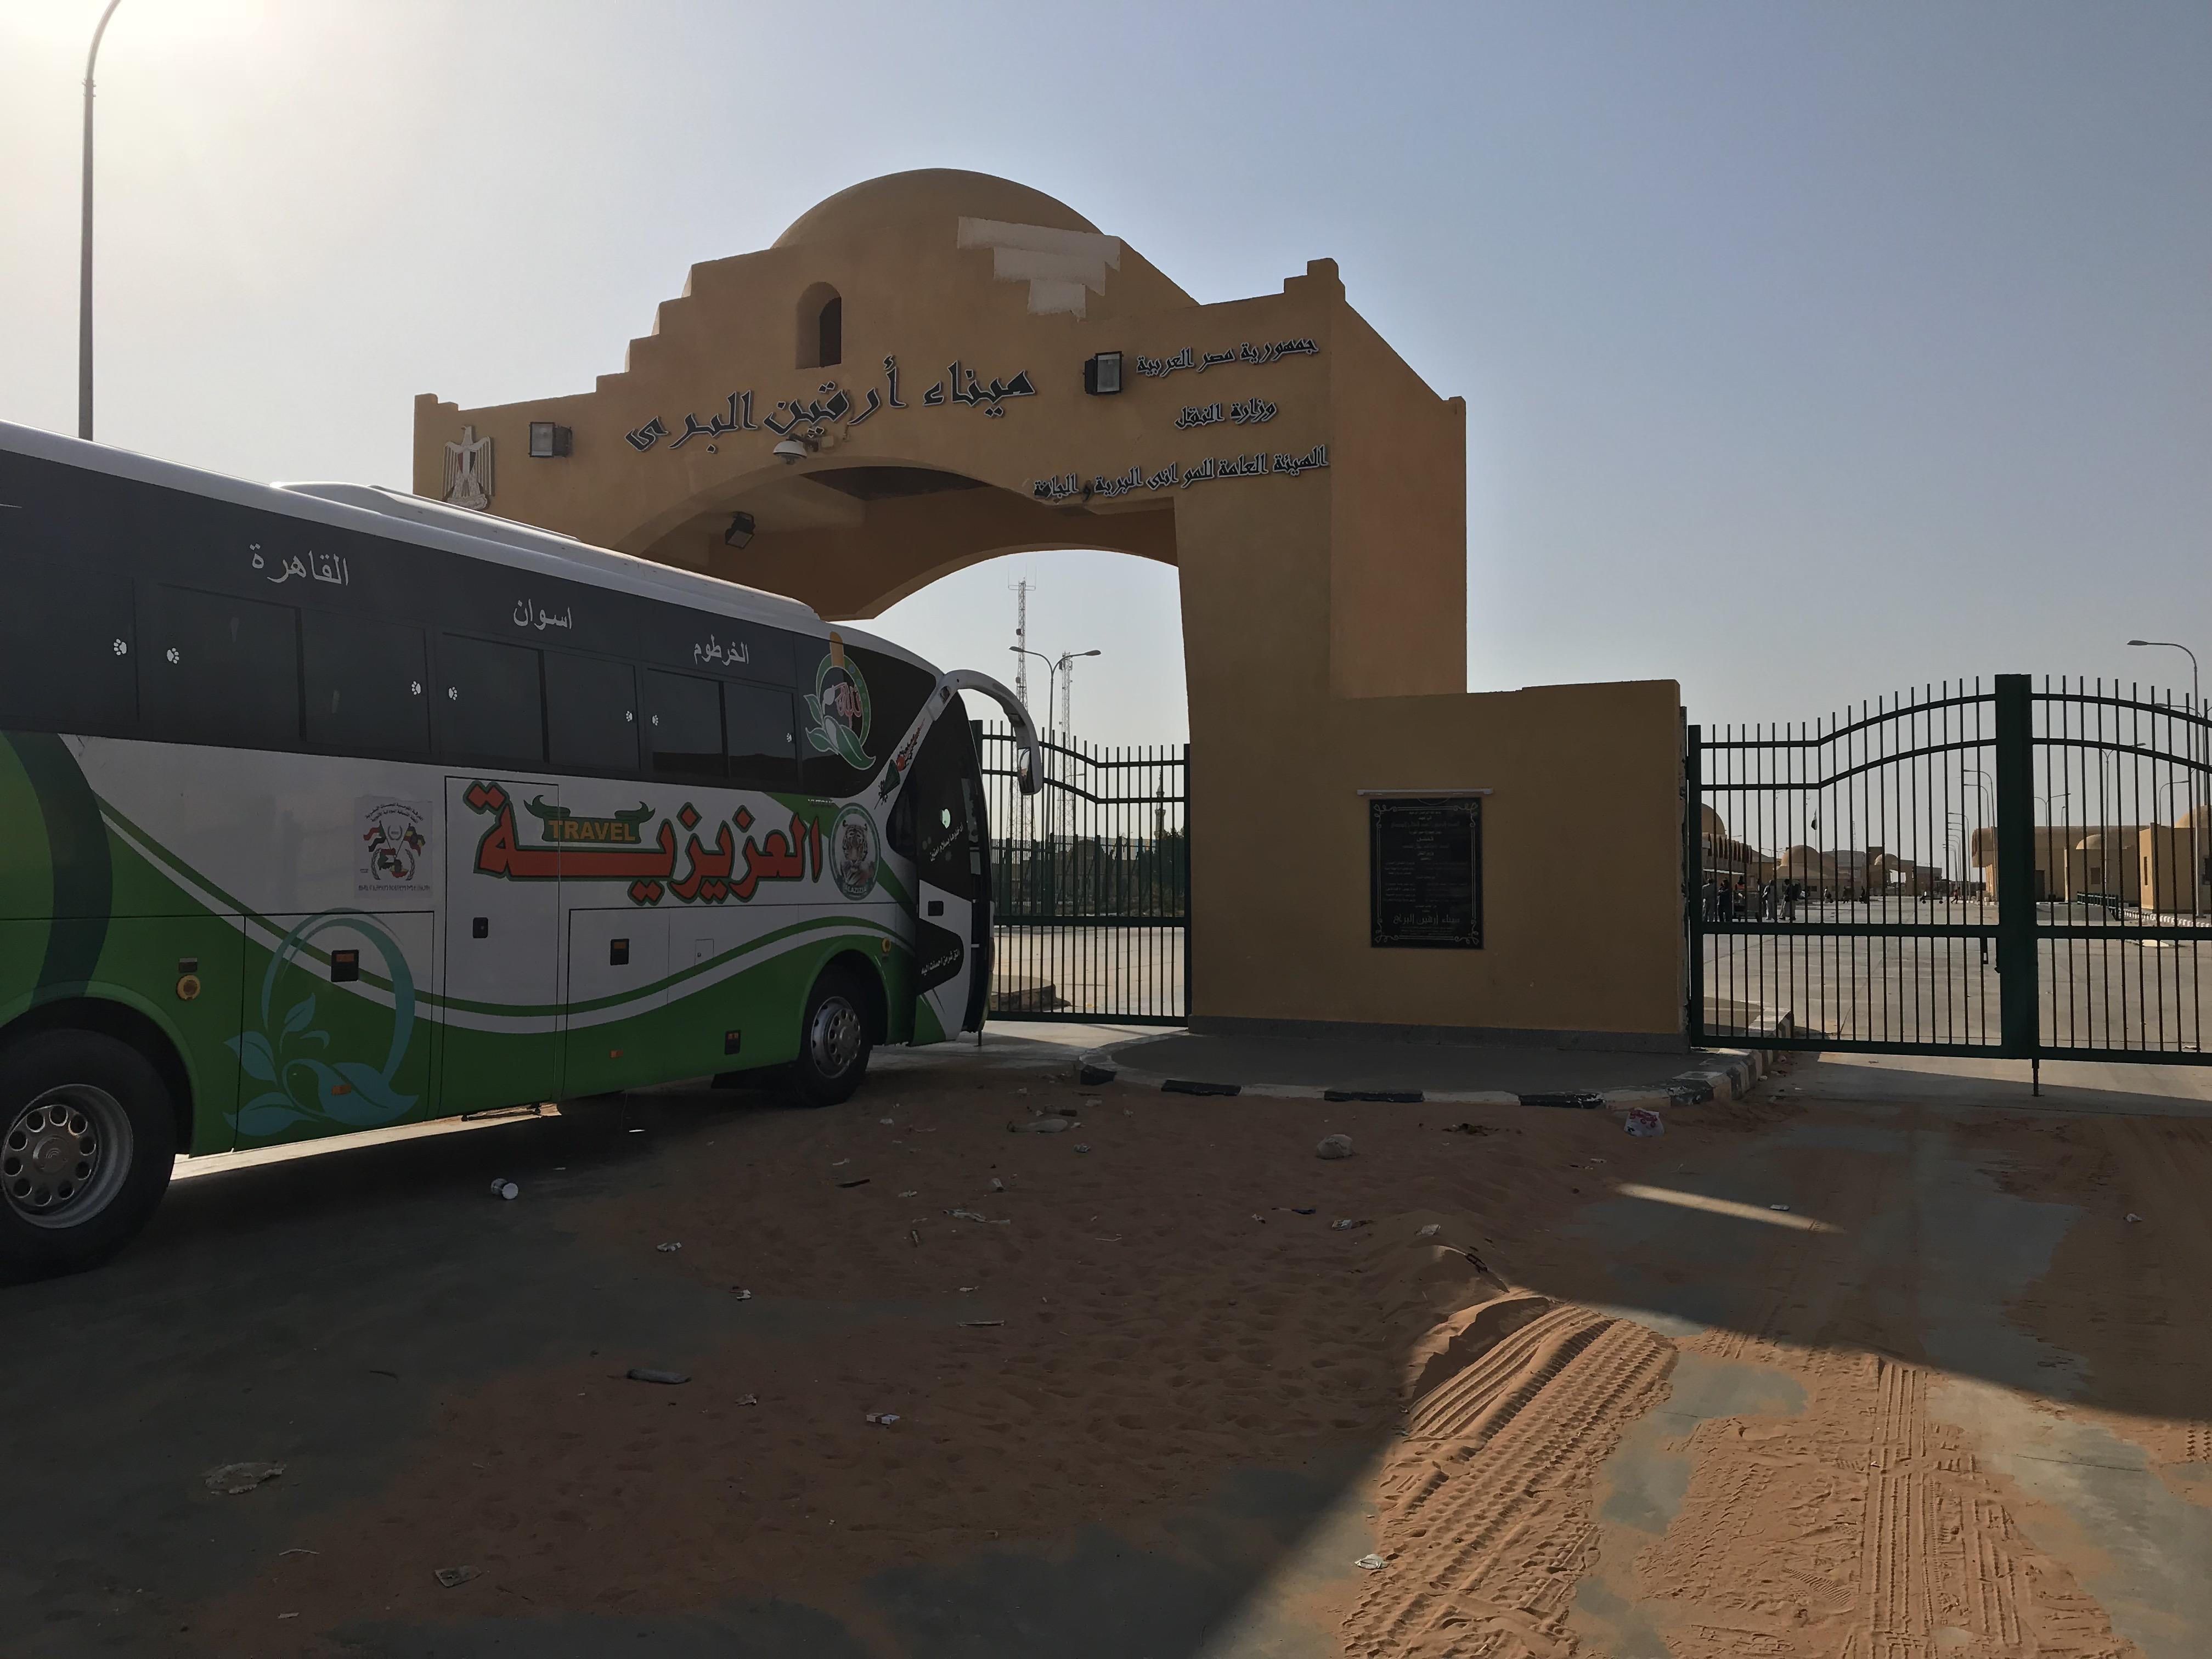 エジプトからスーダン バス